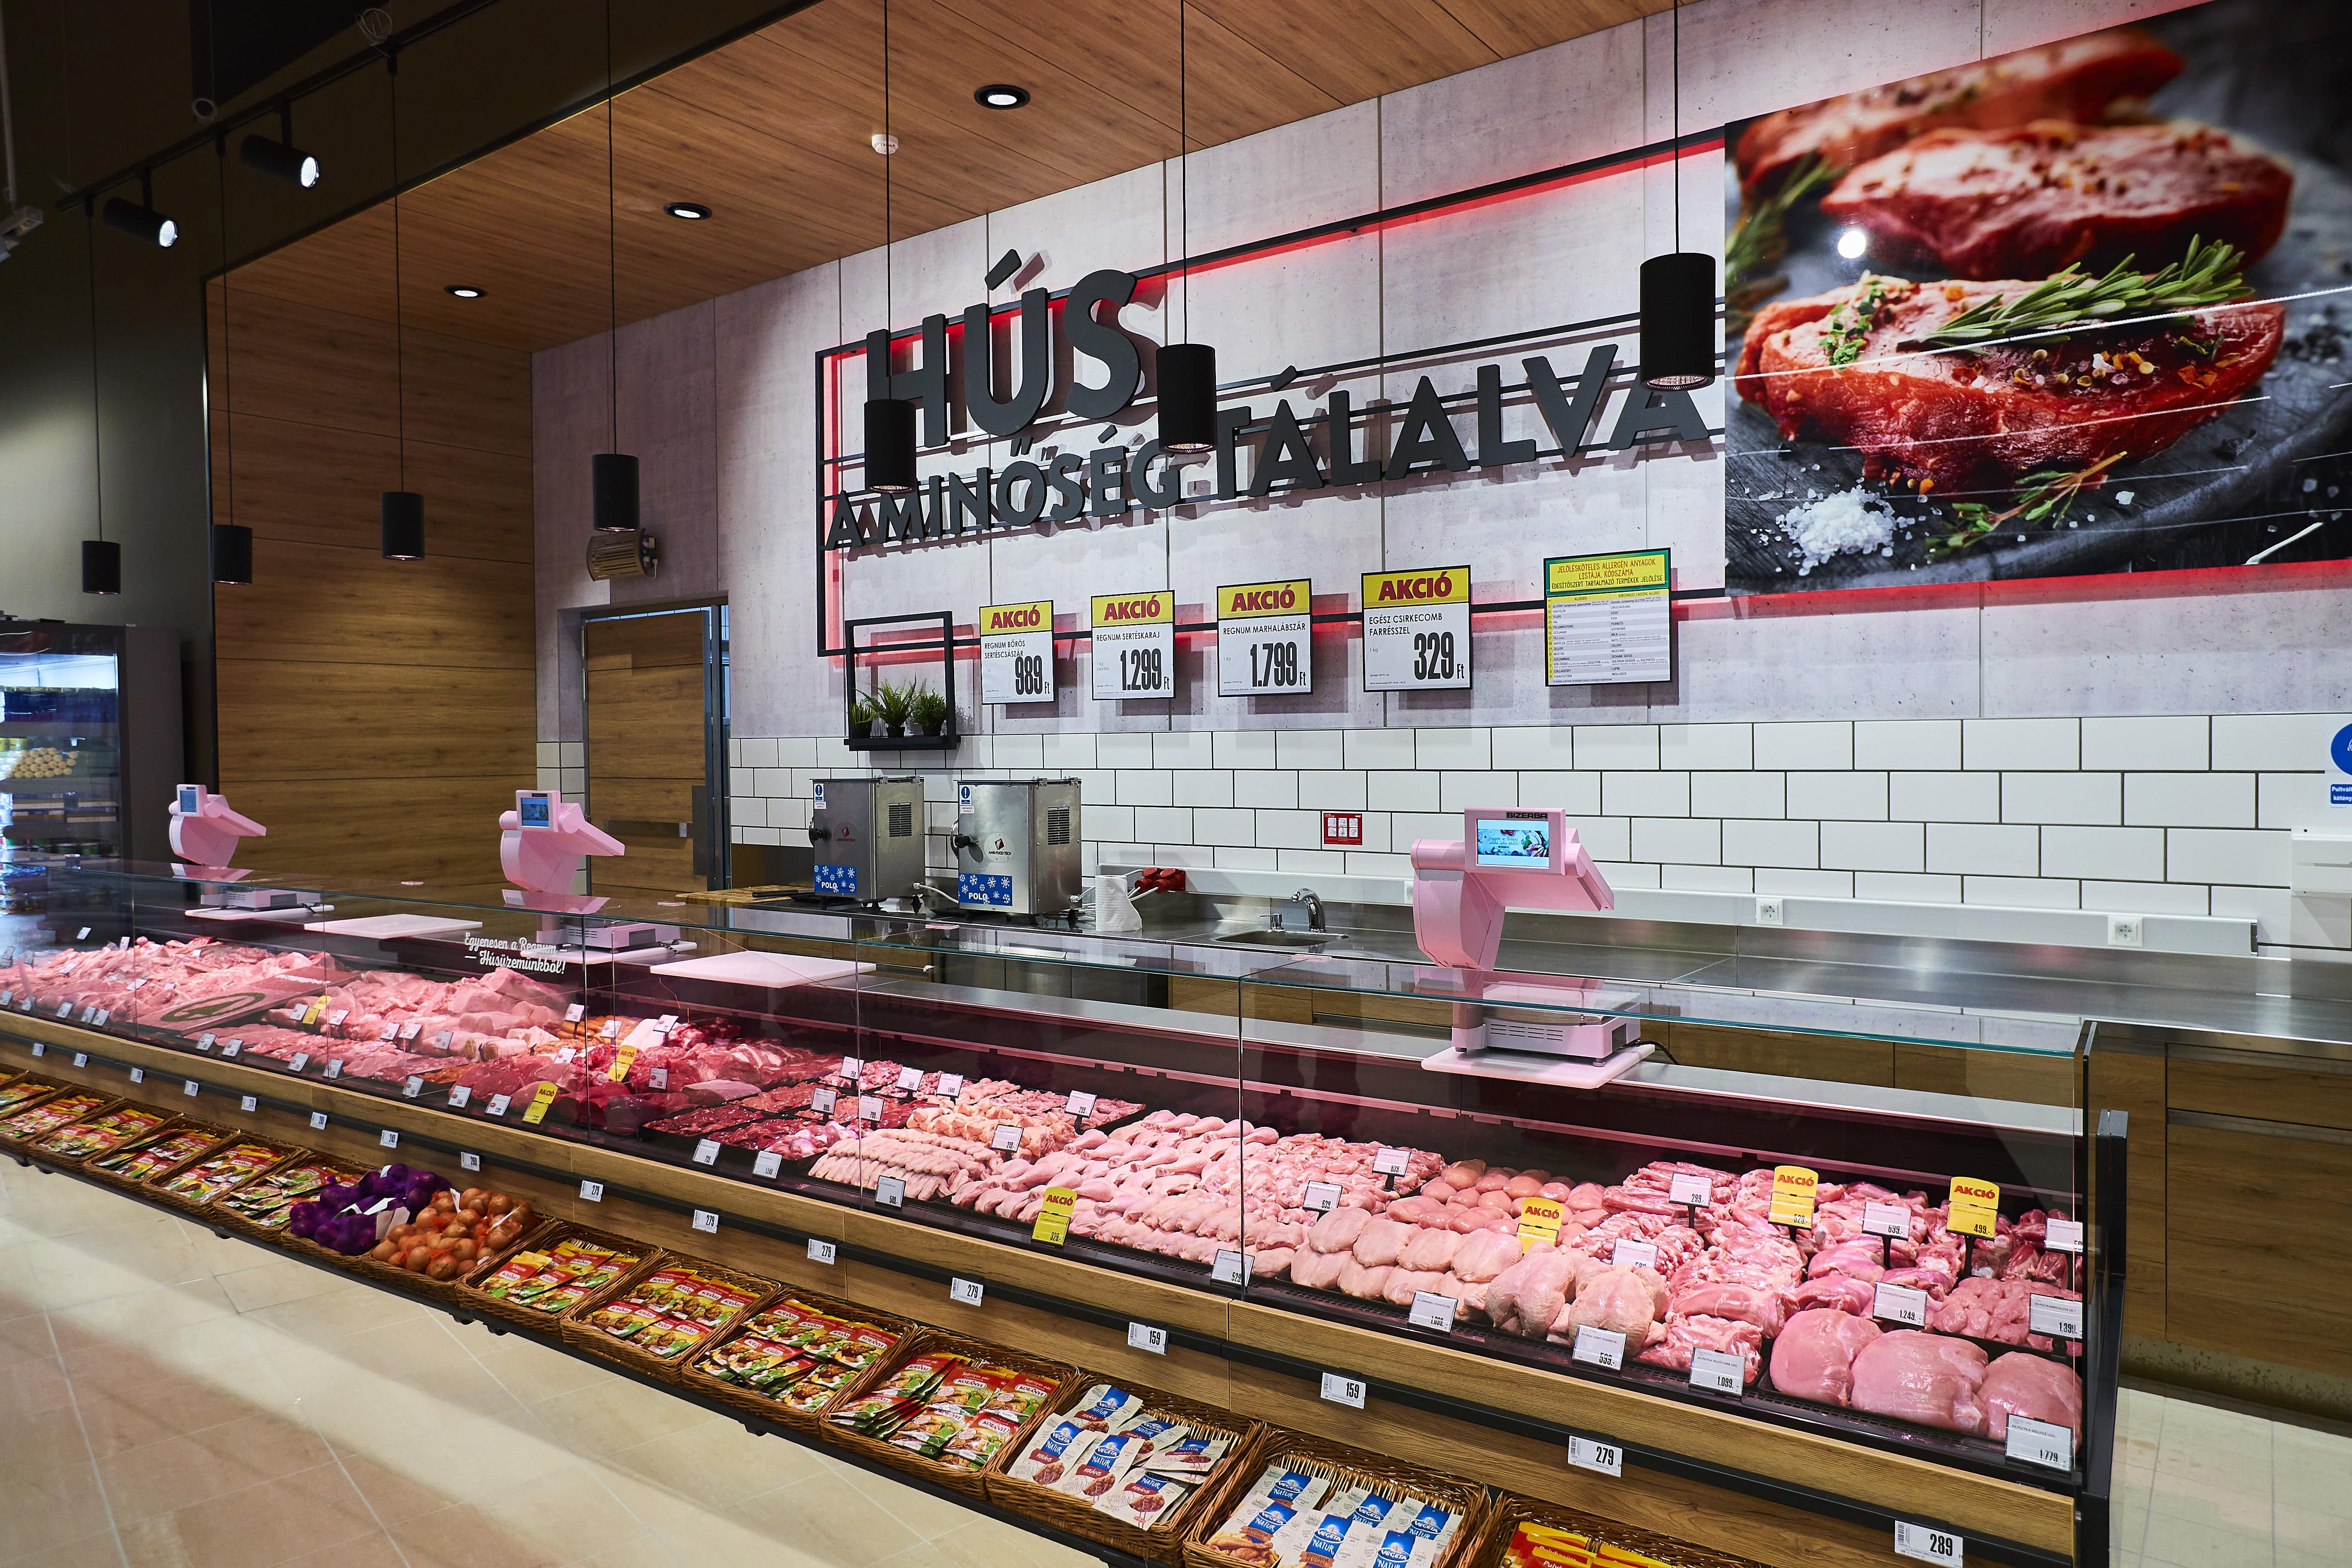 Frisshúsban a SPAR a legkedveltebb kiskereskedelmi lánc